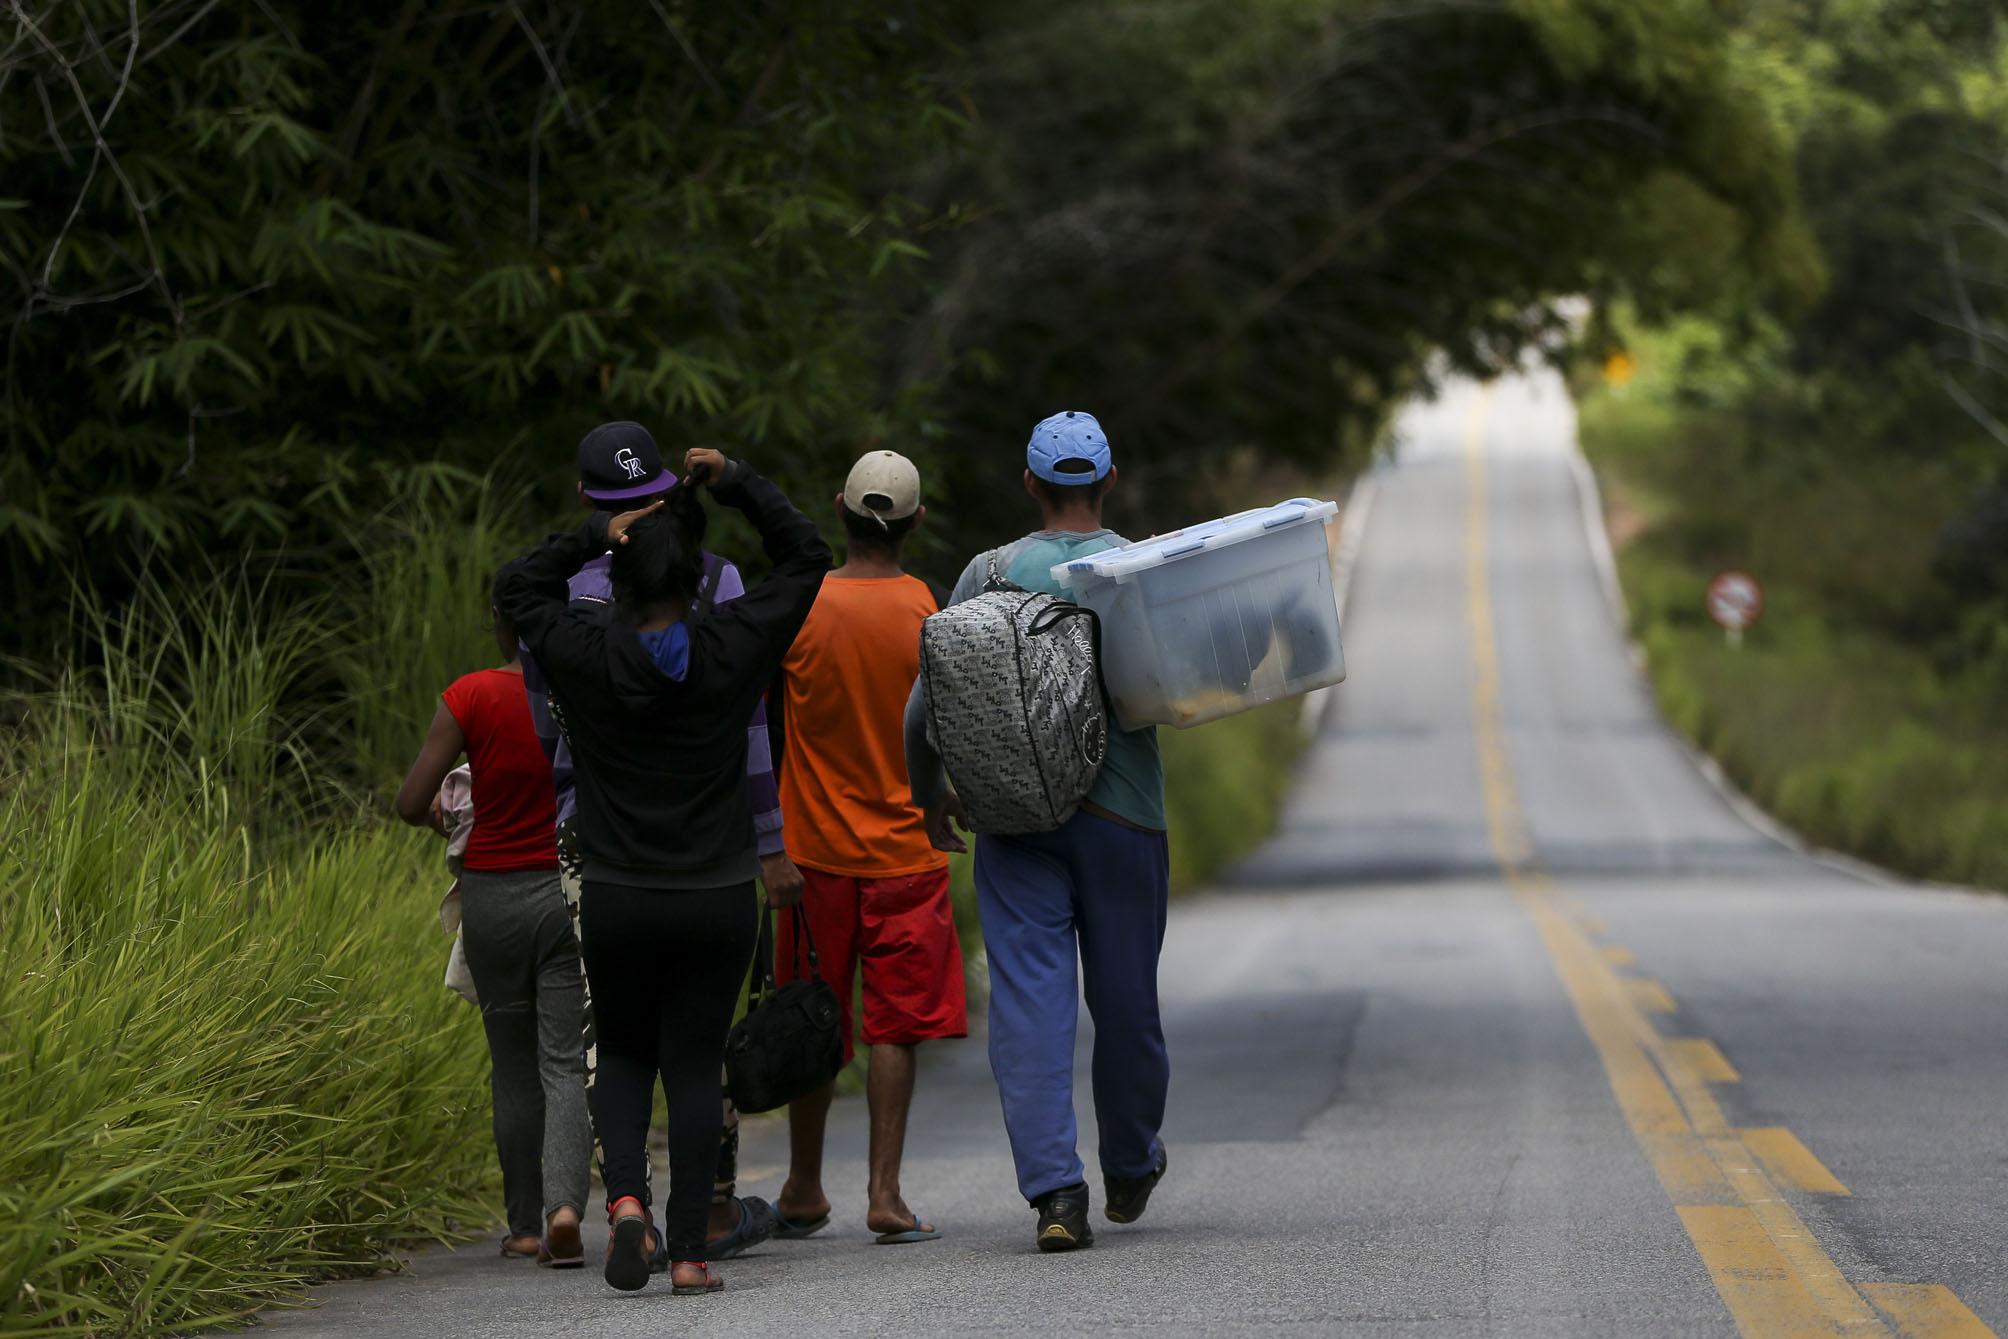 Residentes em áreas de fronteiras, comunidades vivem instabilidade diante da regularização automática de terras. Foto: Marcelo Camargo/Agência Brasil